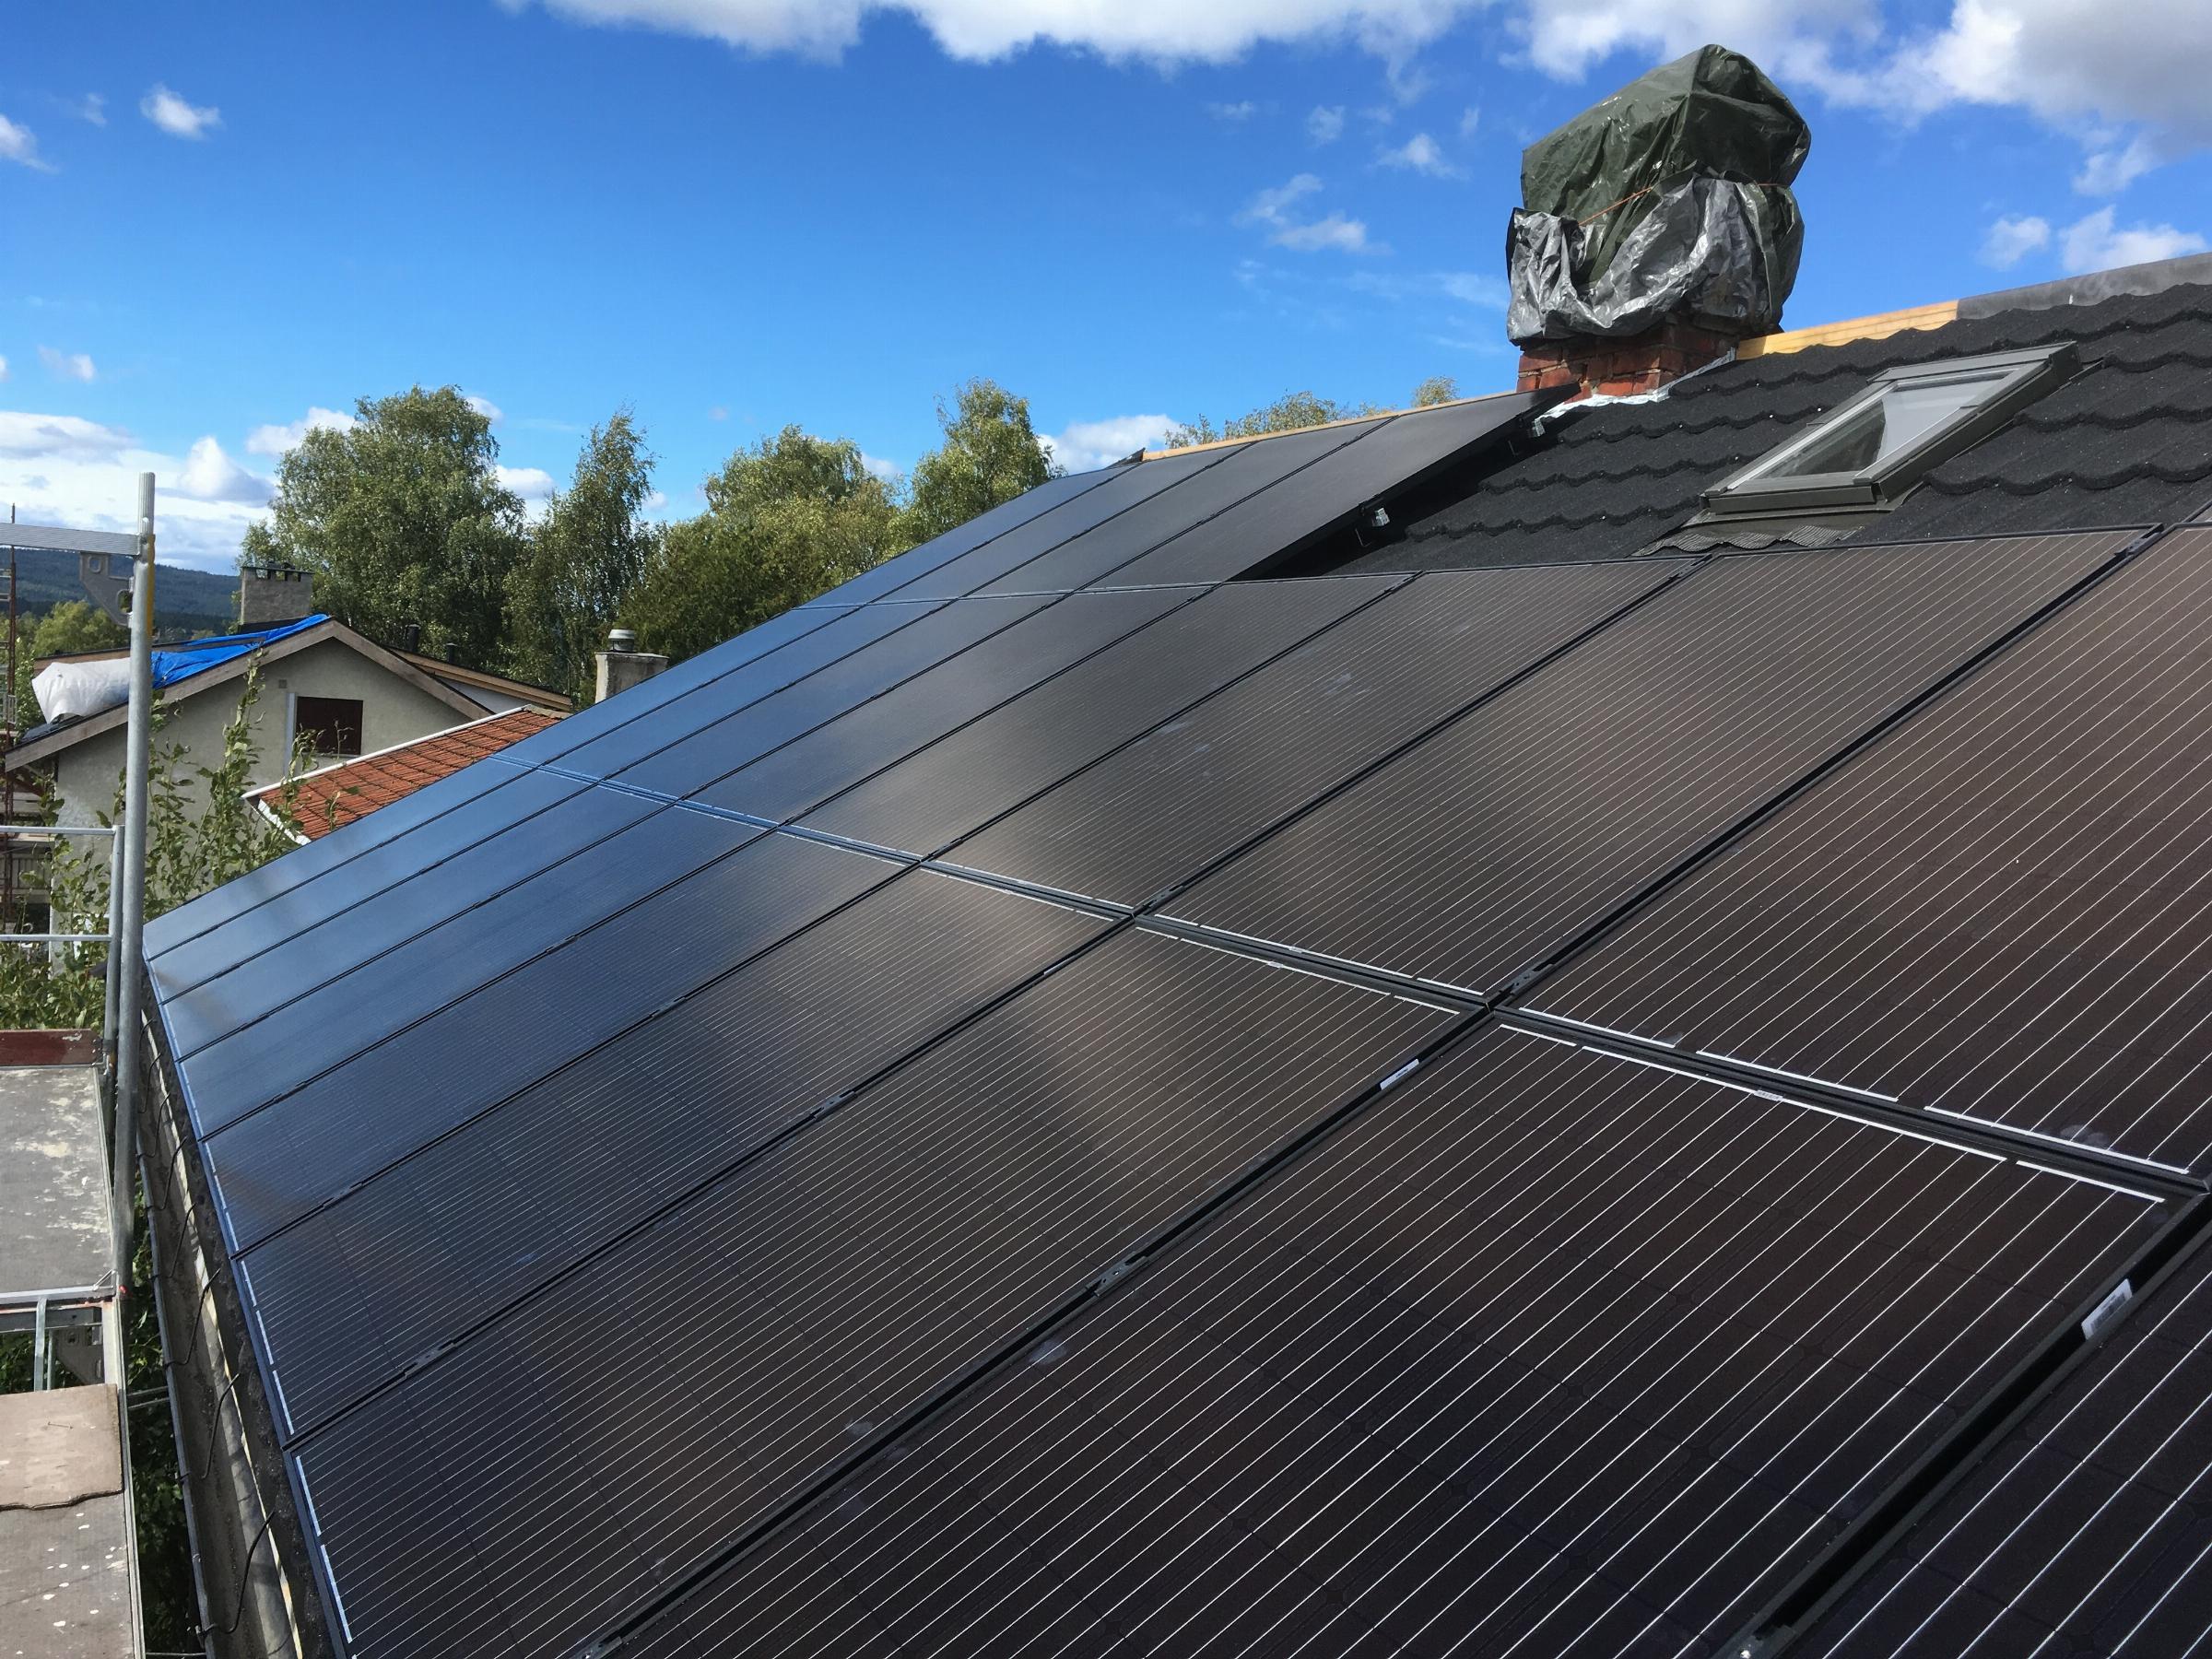 Utenpåliggende solcellepaneler på tak